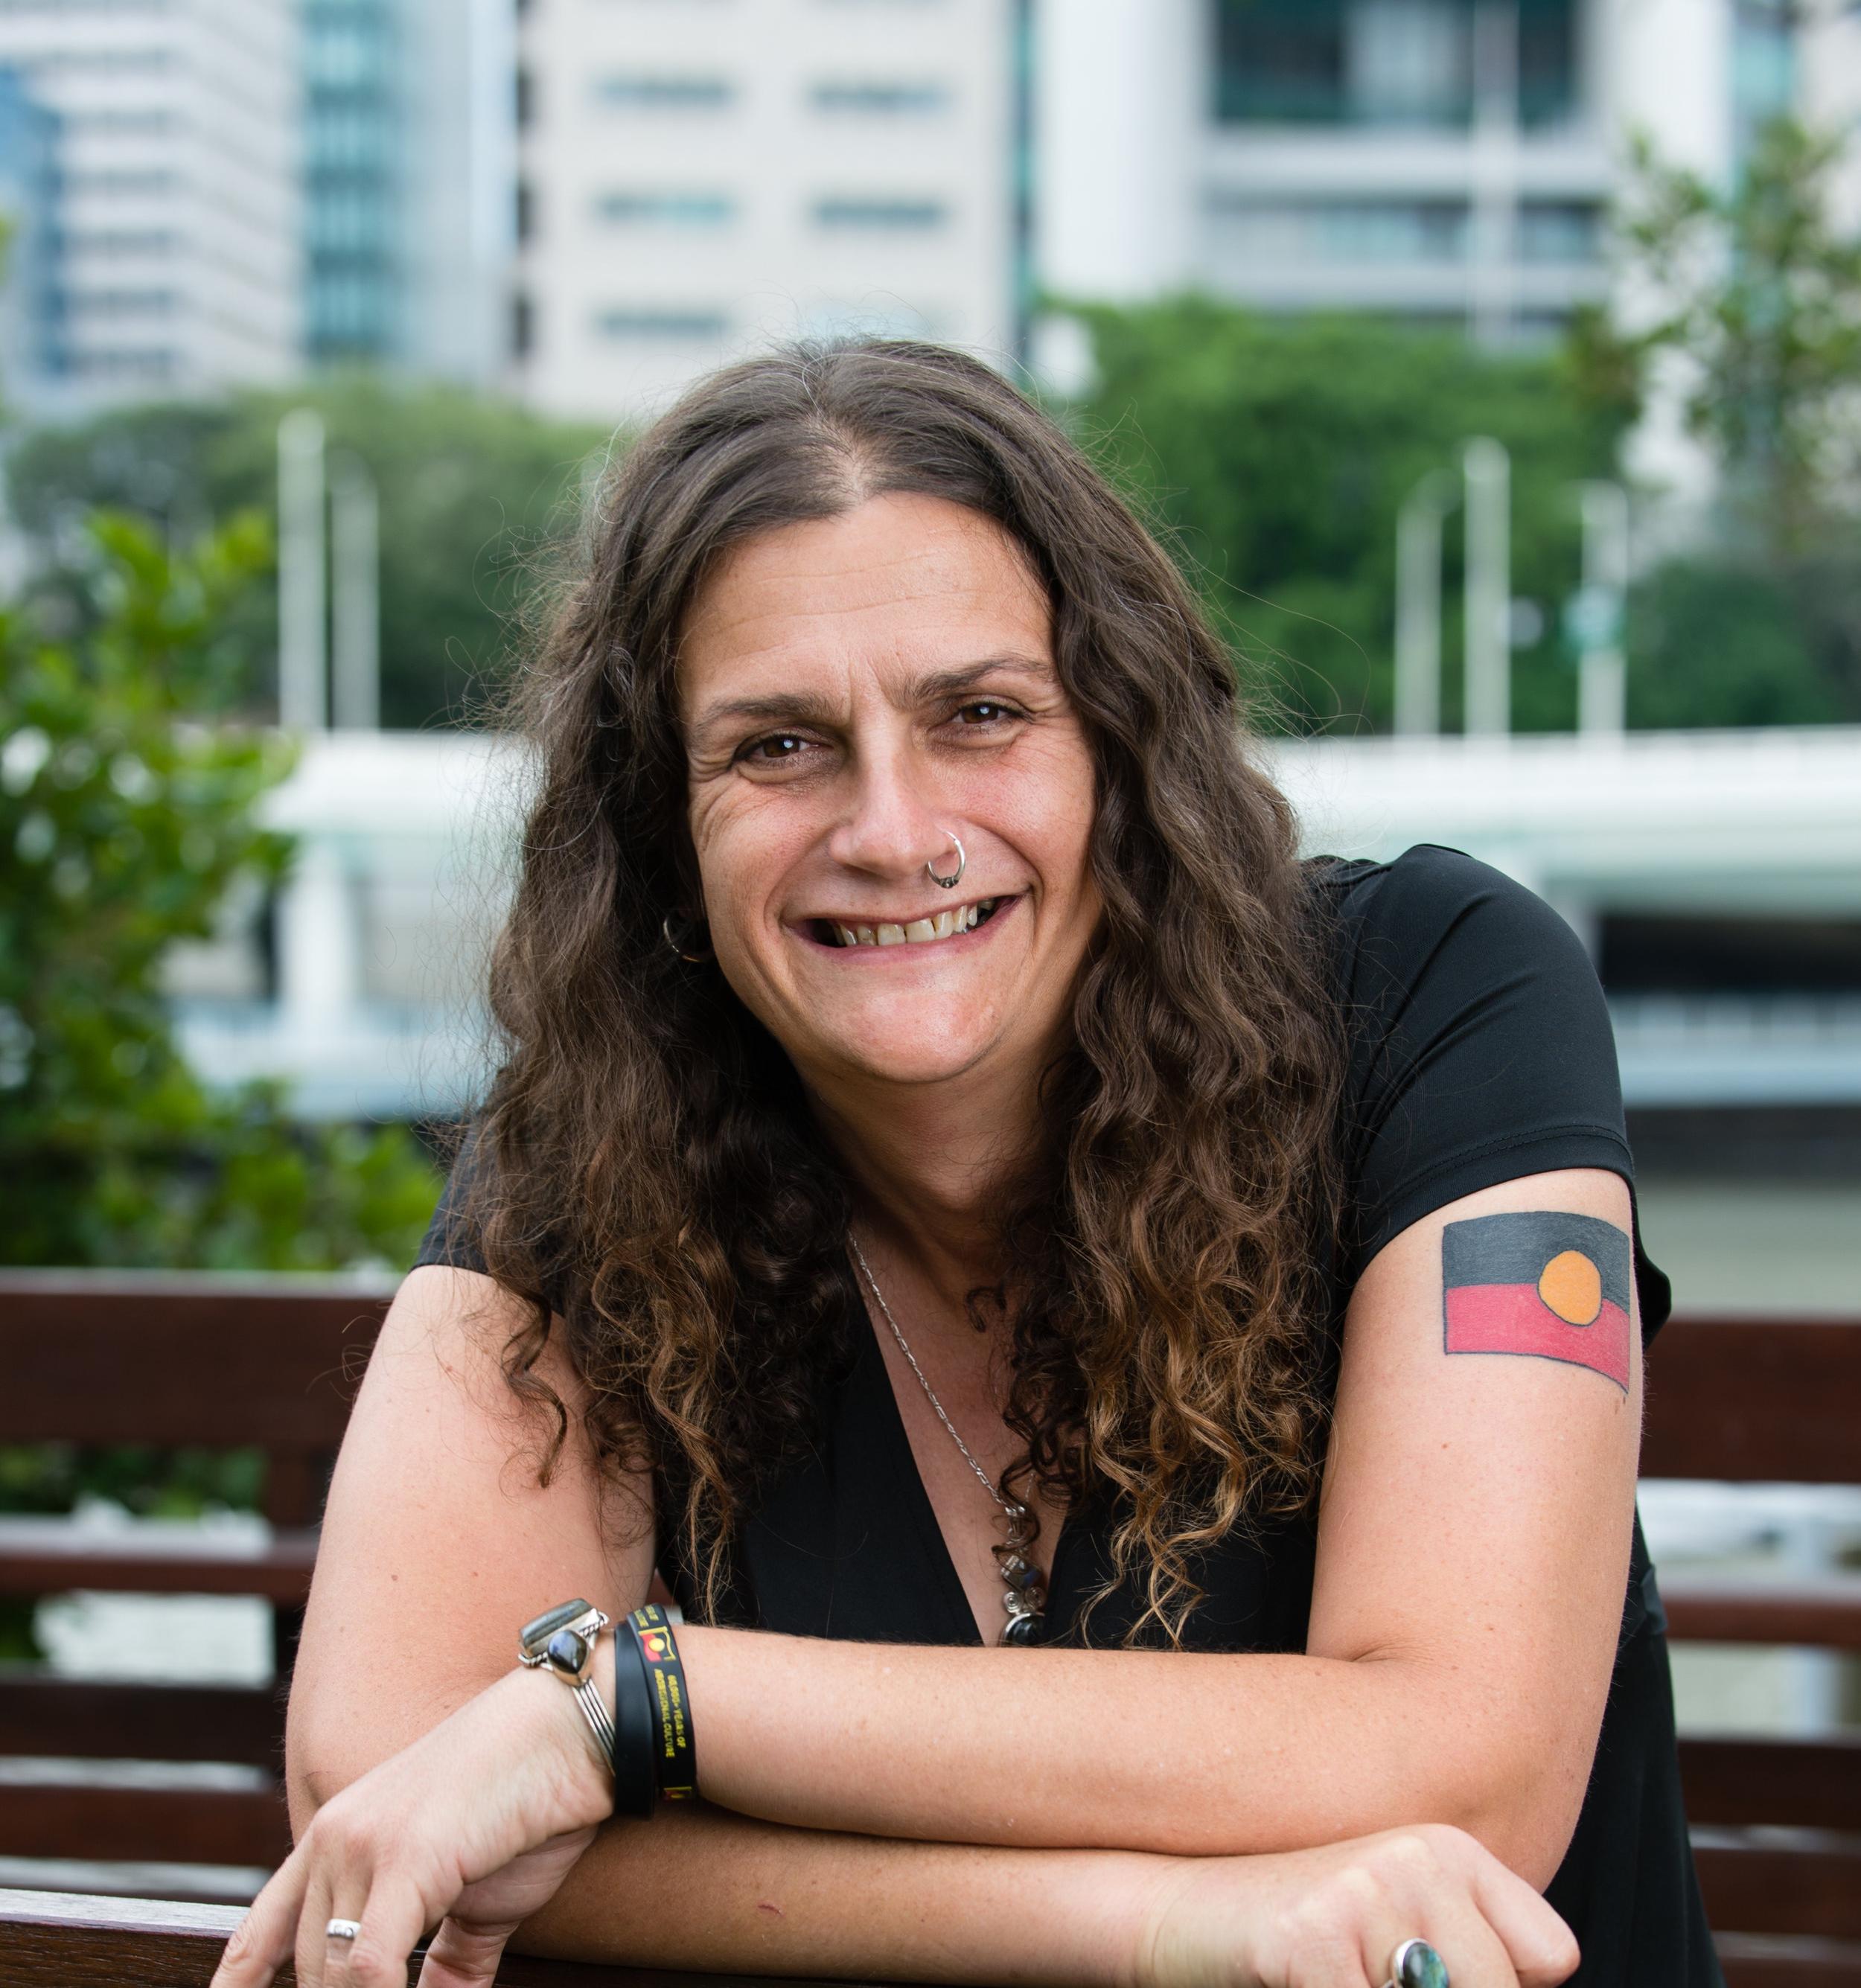 Claire G. Coleman